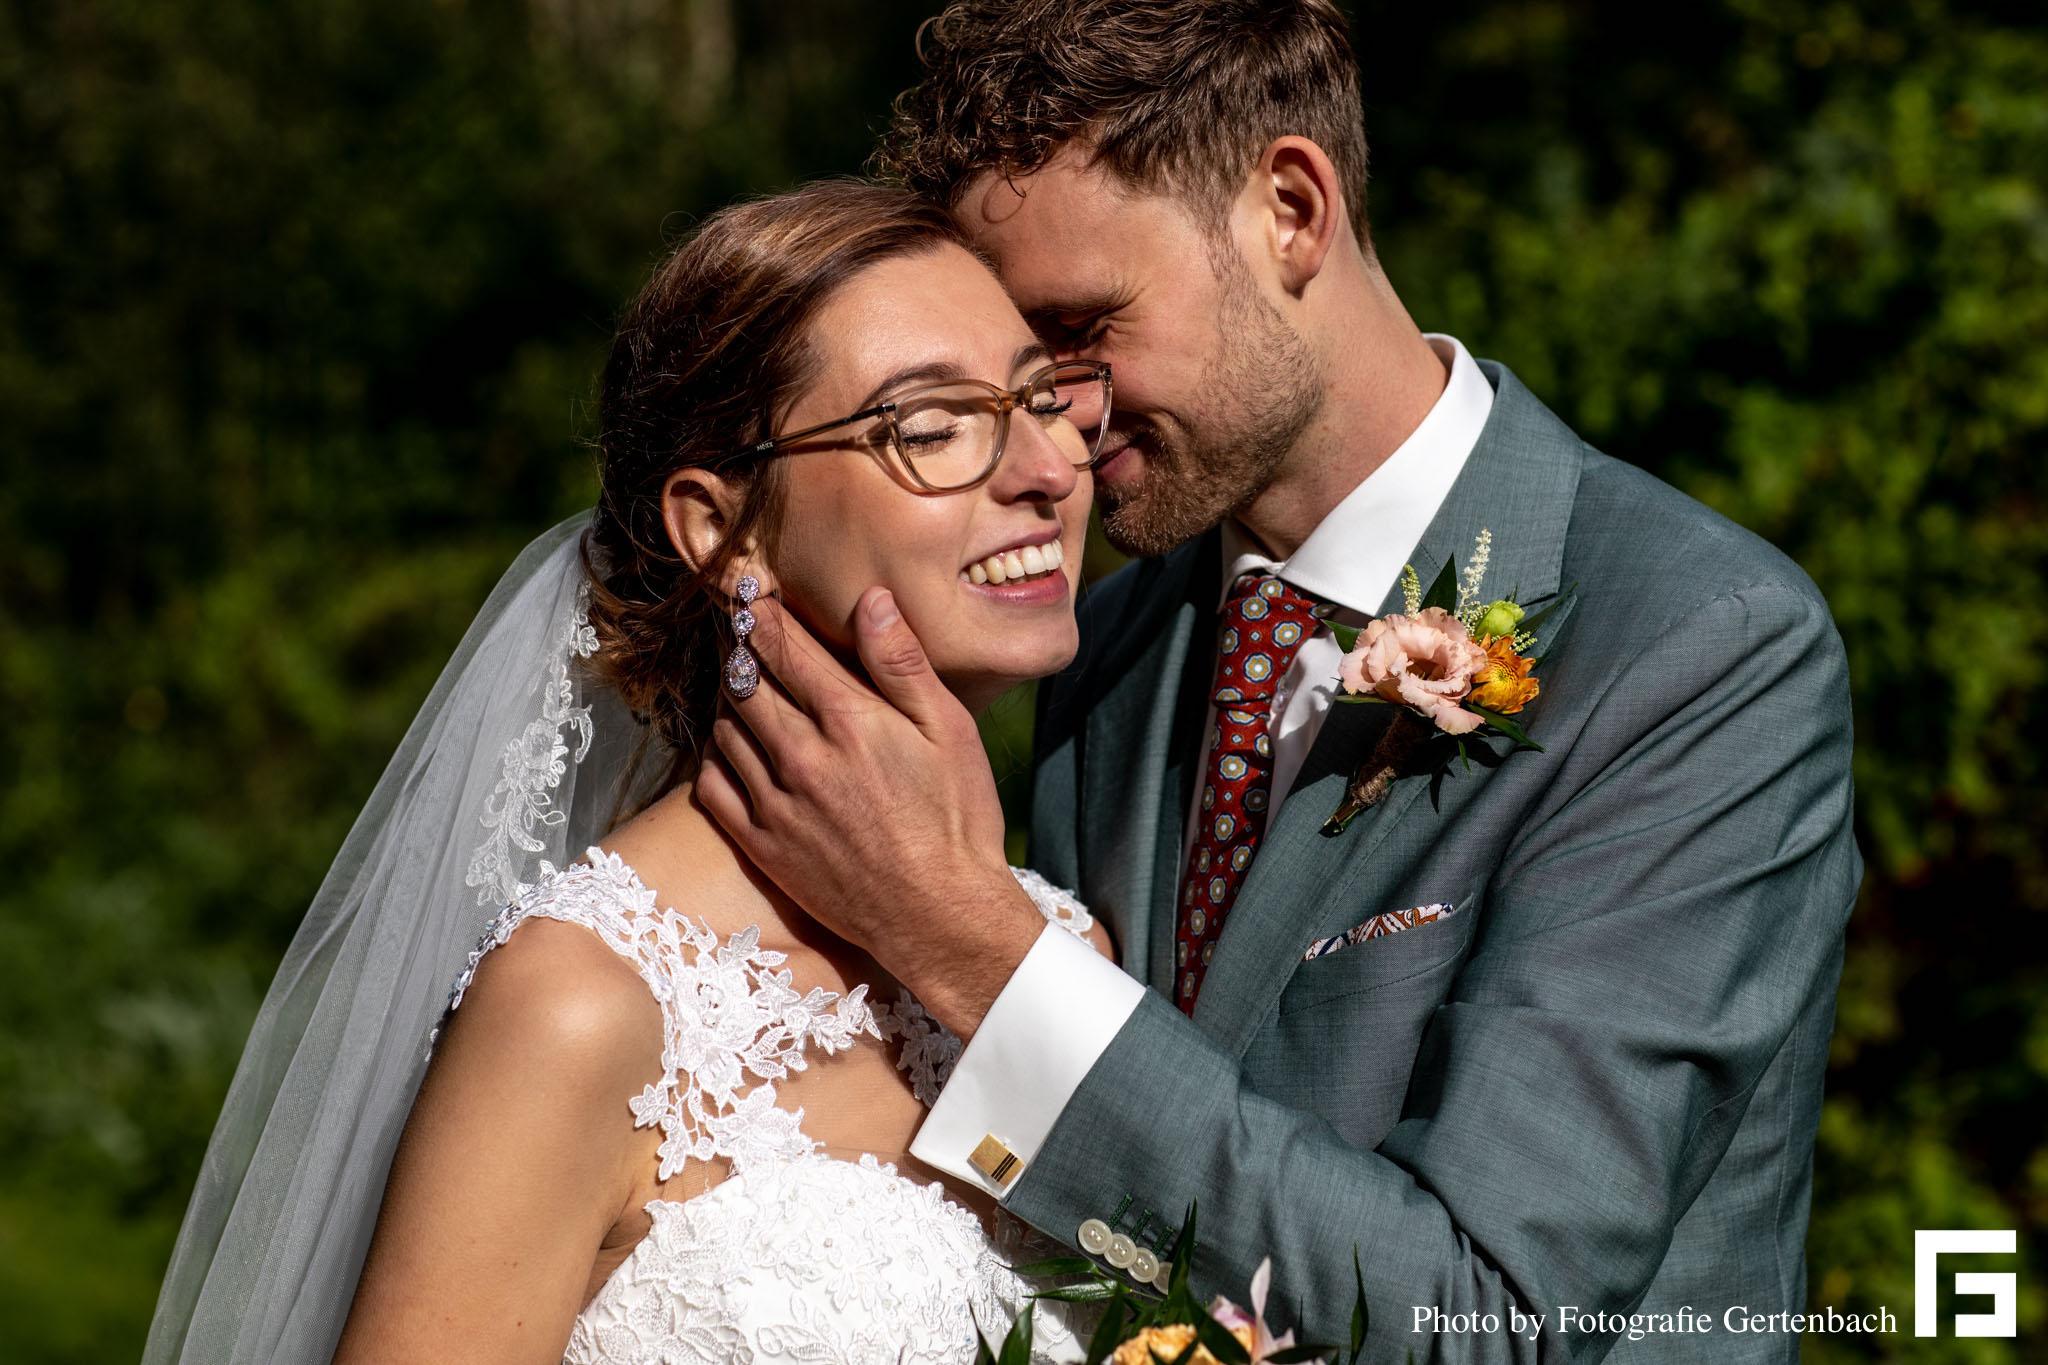 Prachtige bruid met mooie oorbellen voor de trouwdag